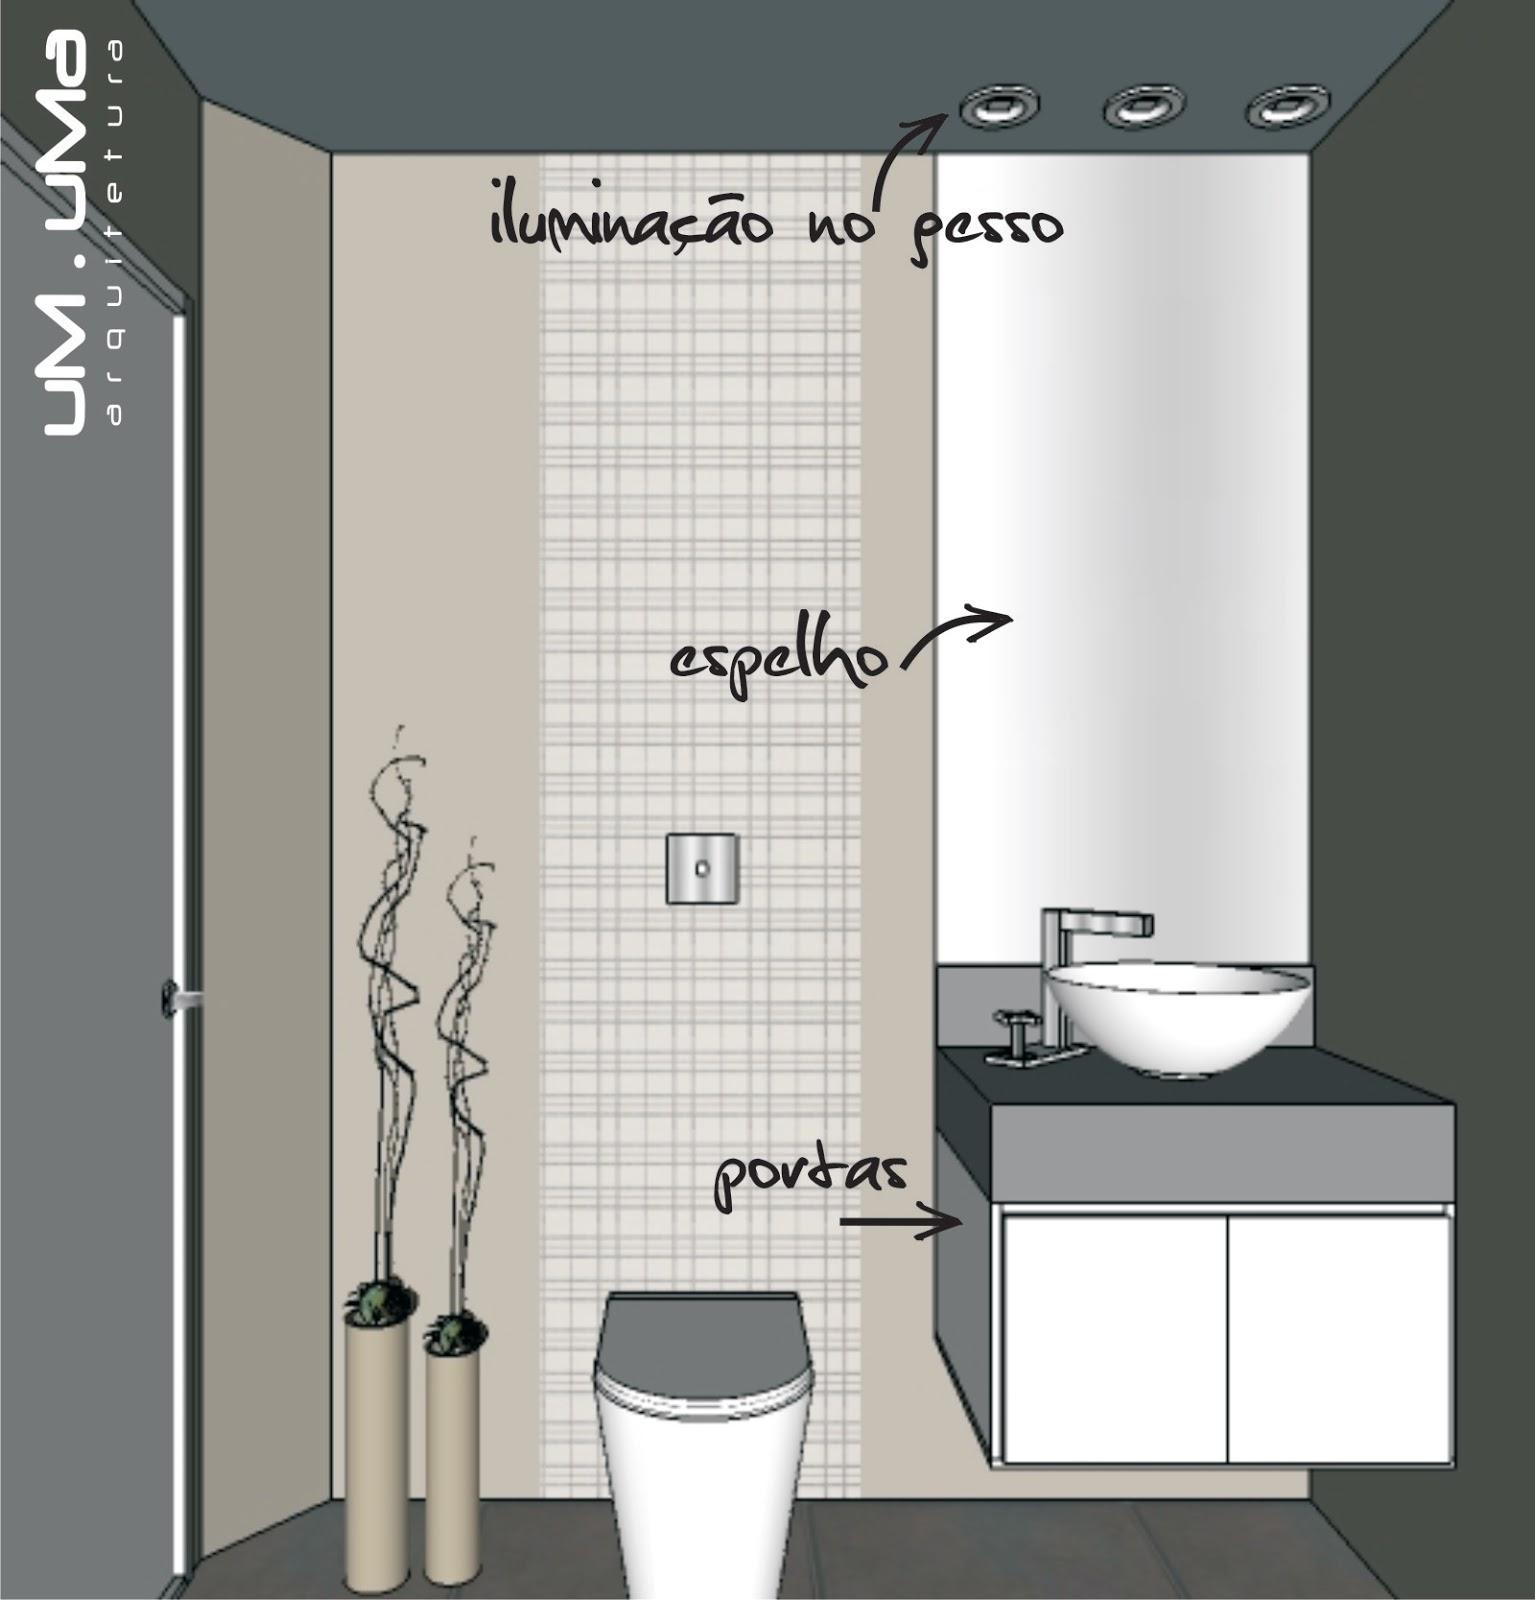 Banheiro social Espelho bem vertical   móvel com duas portas   cuba  #766C55 1535x1600 Banheiro Com Duas Portas De Entrada